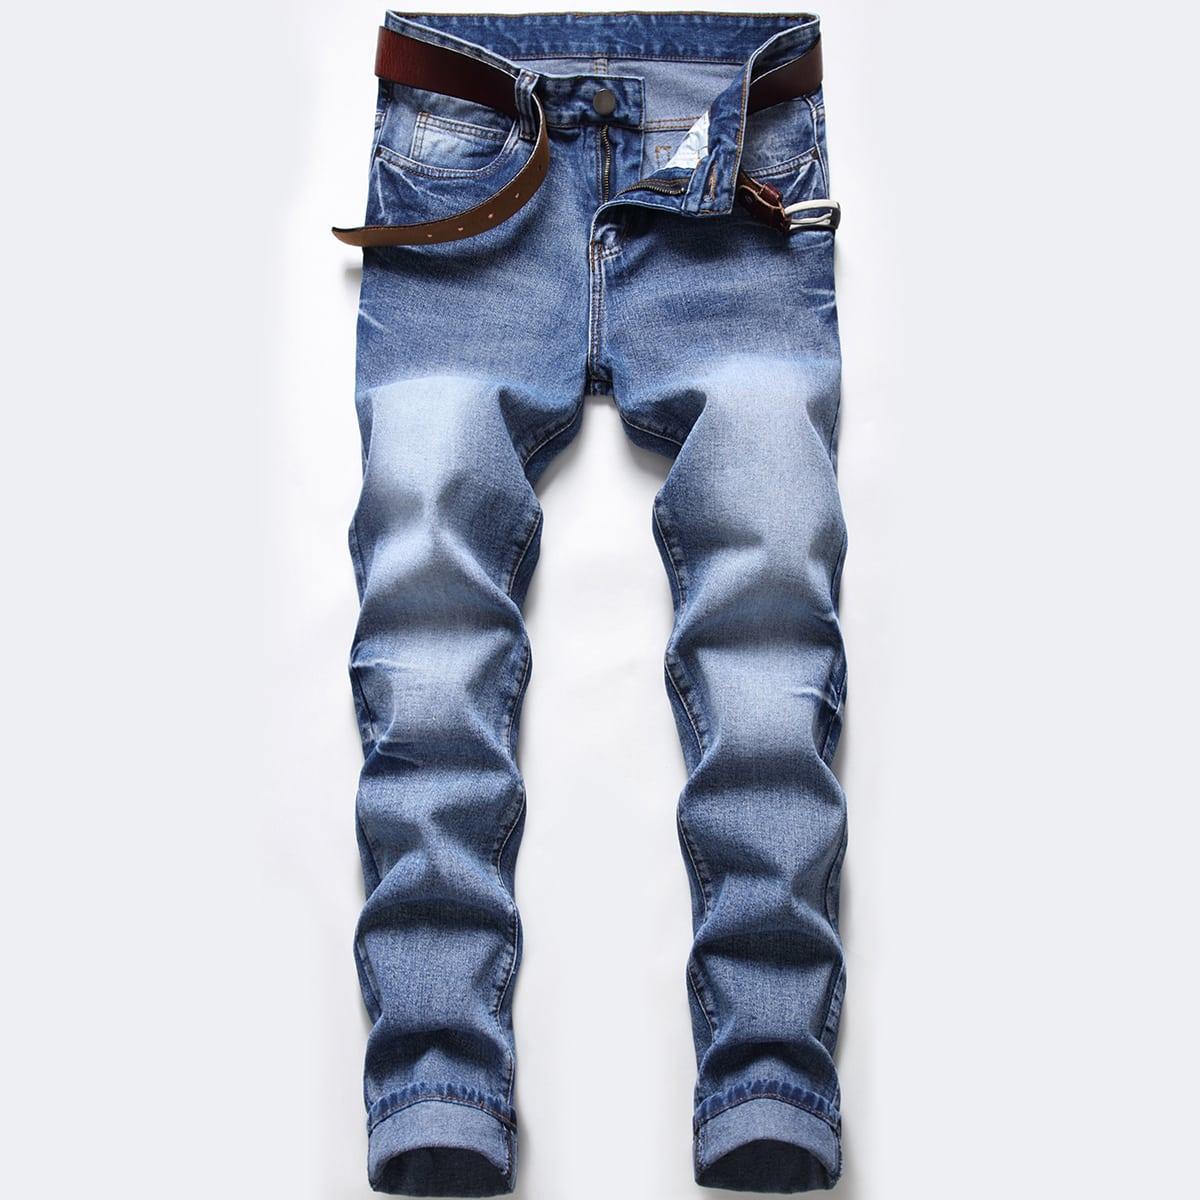 Мужские джинсы без пояса